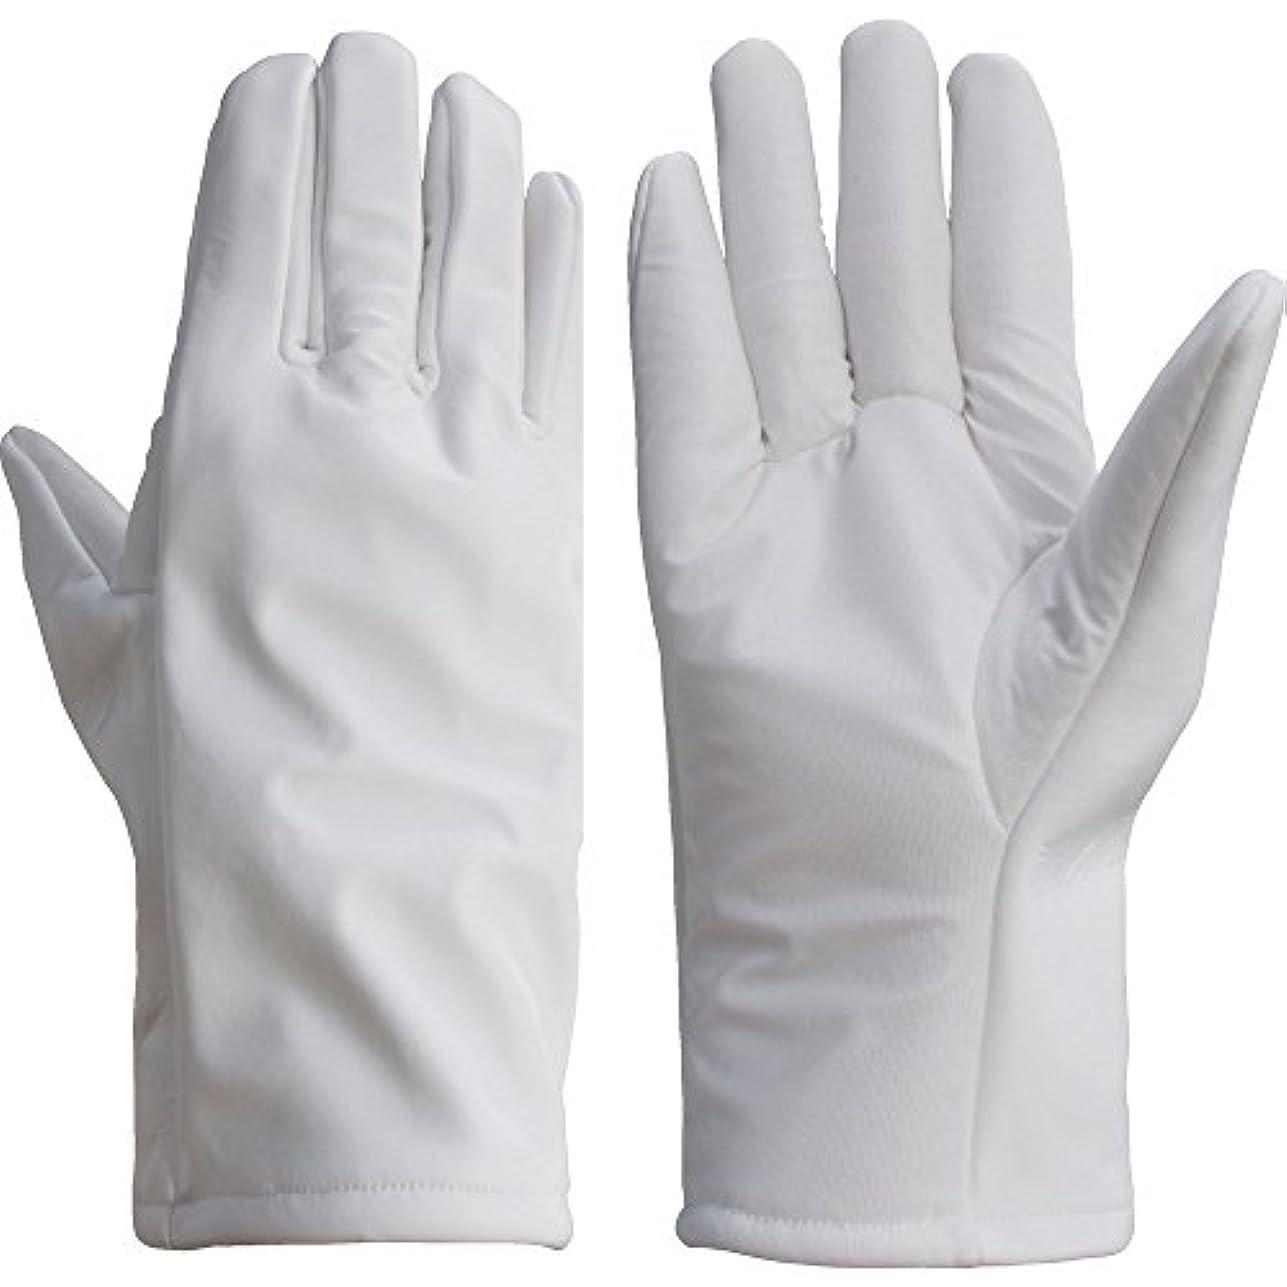 ウインセス クリーン耐熱手袋 M (1双入) 3904-M 耐熱手袋